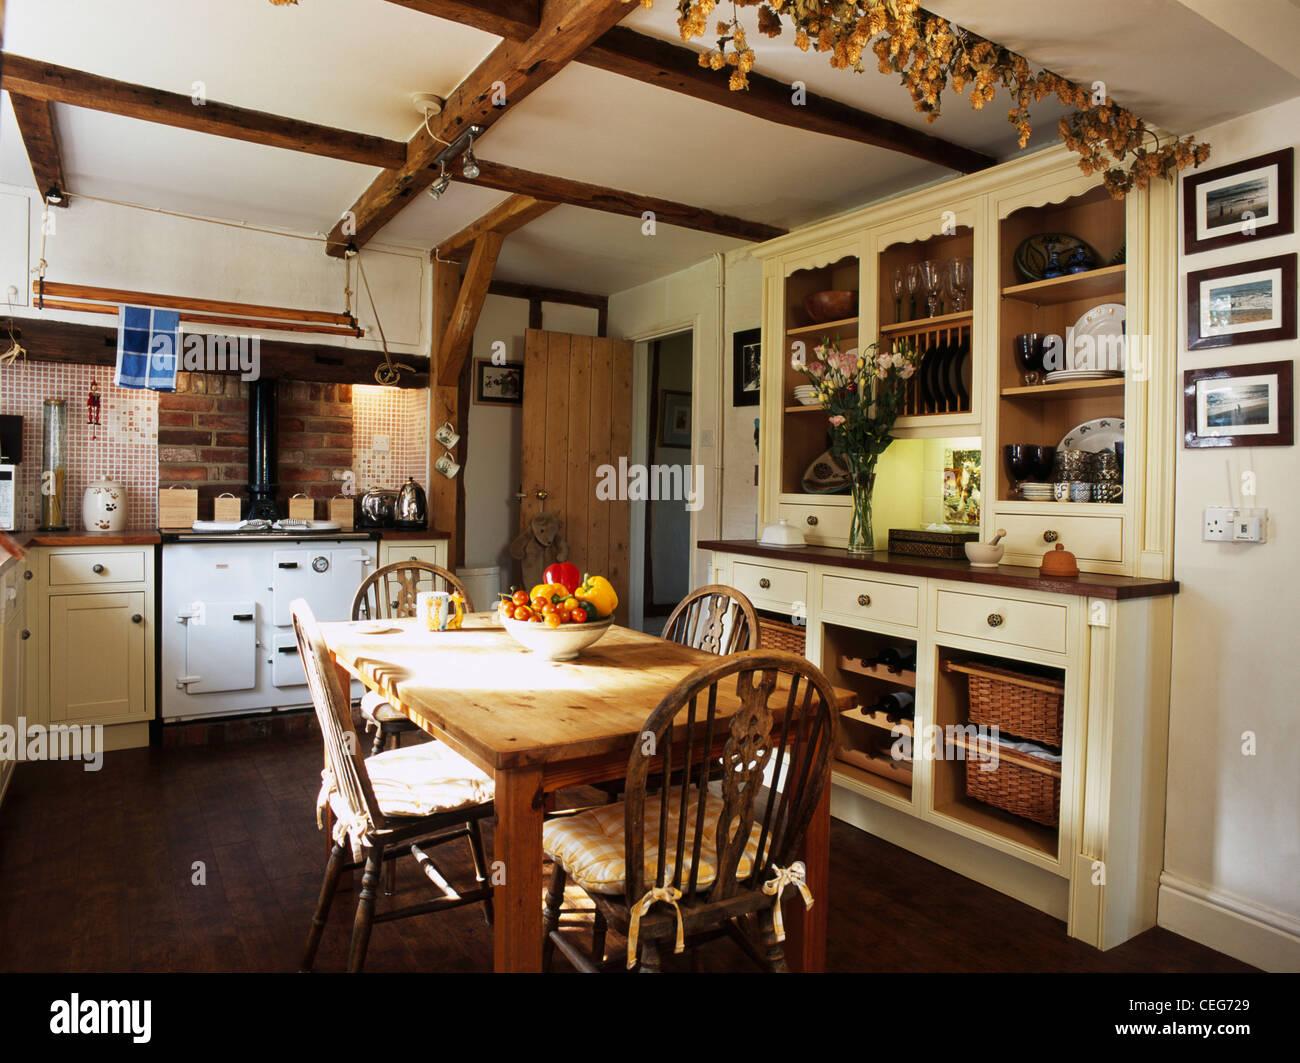 Aga blanc et crème montée dresser in cuisine de campagne à l ...